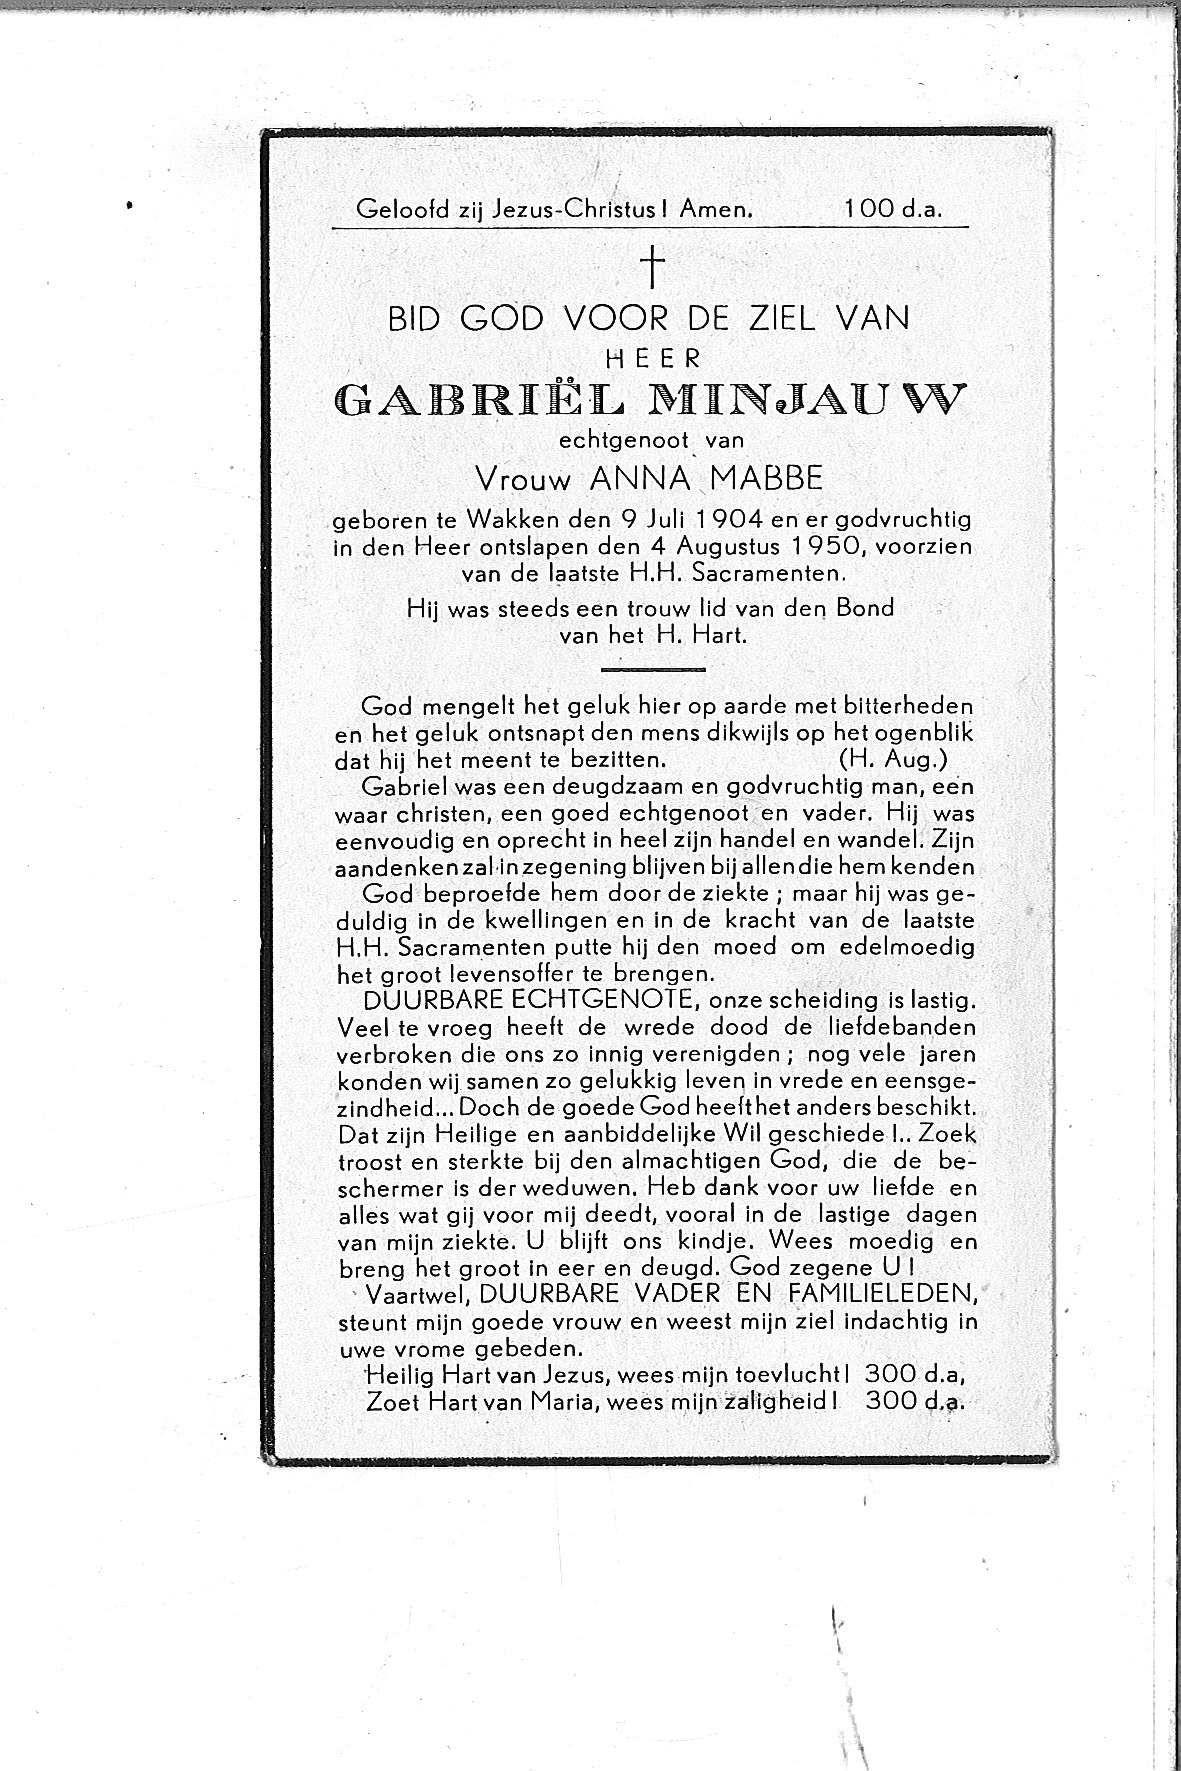 Gabriel(1950)20140430132205_00076.jpg